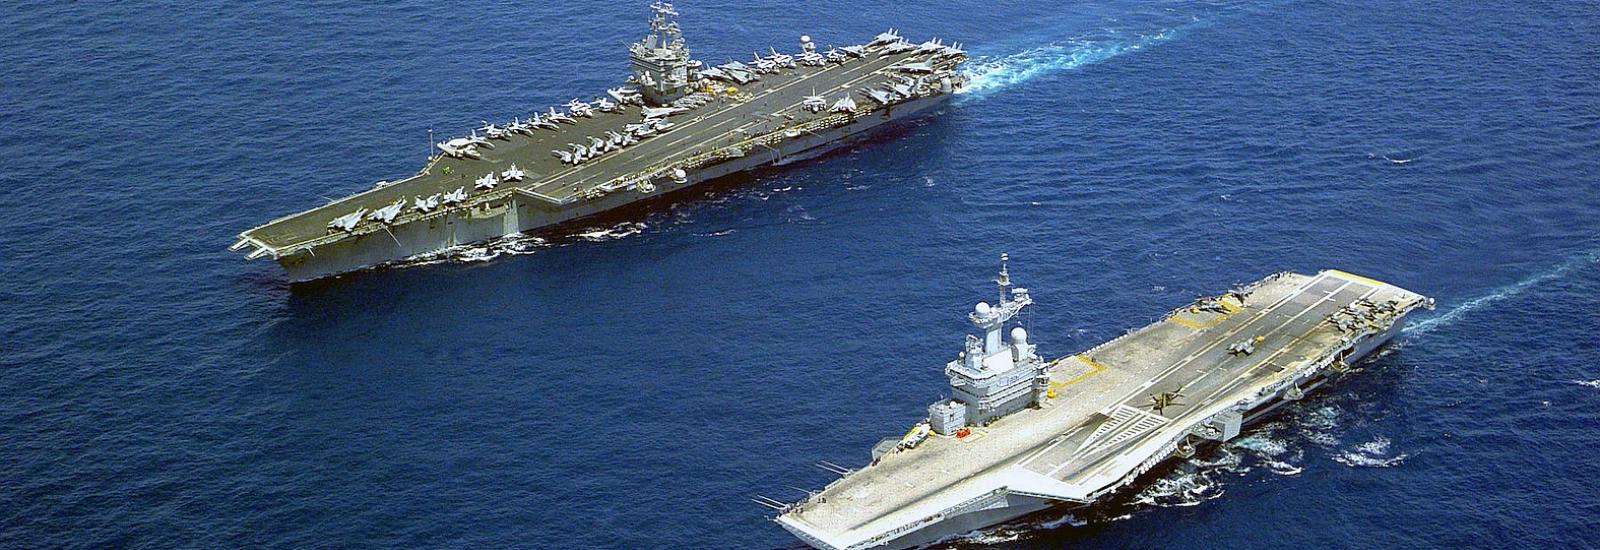 Le porte-avions Charles de Gaulle croisant avec le USS Enterprise en mer Méditerranée, en 2001.